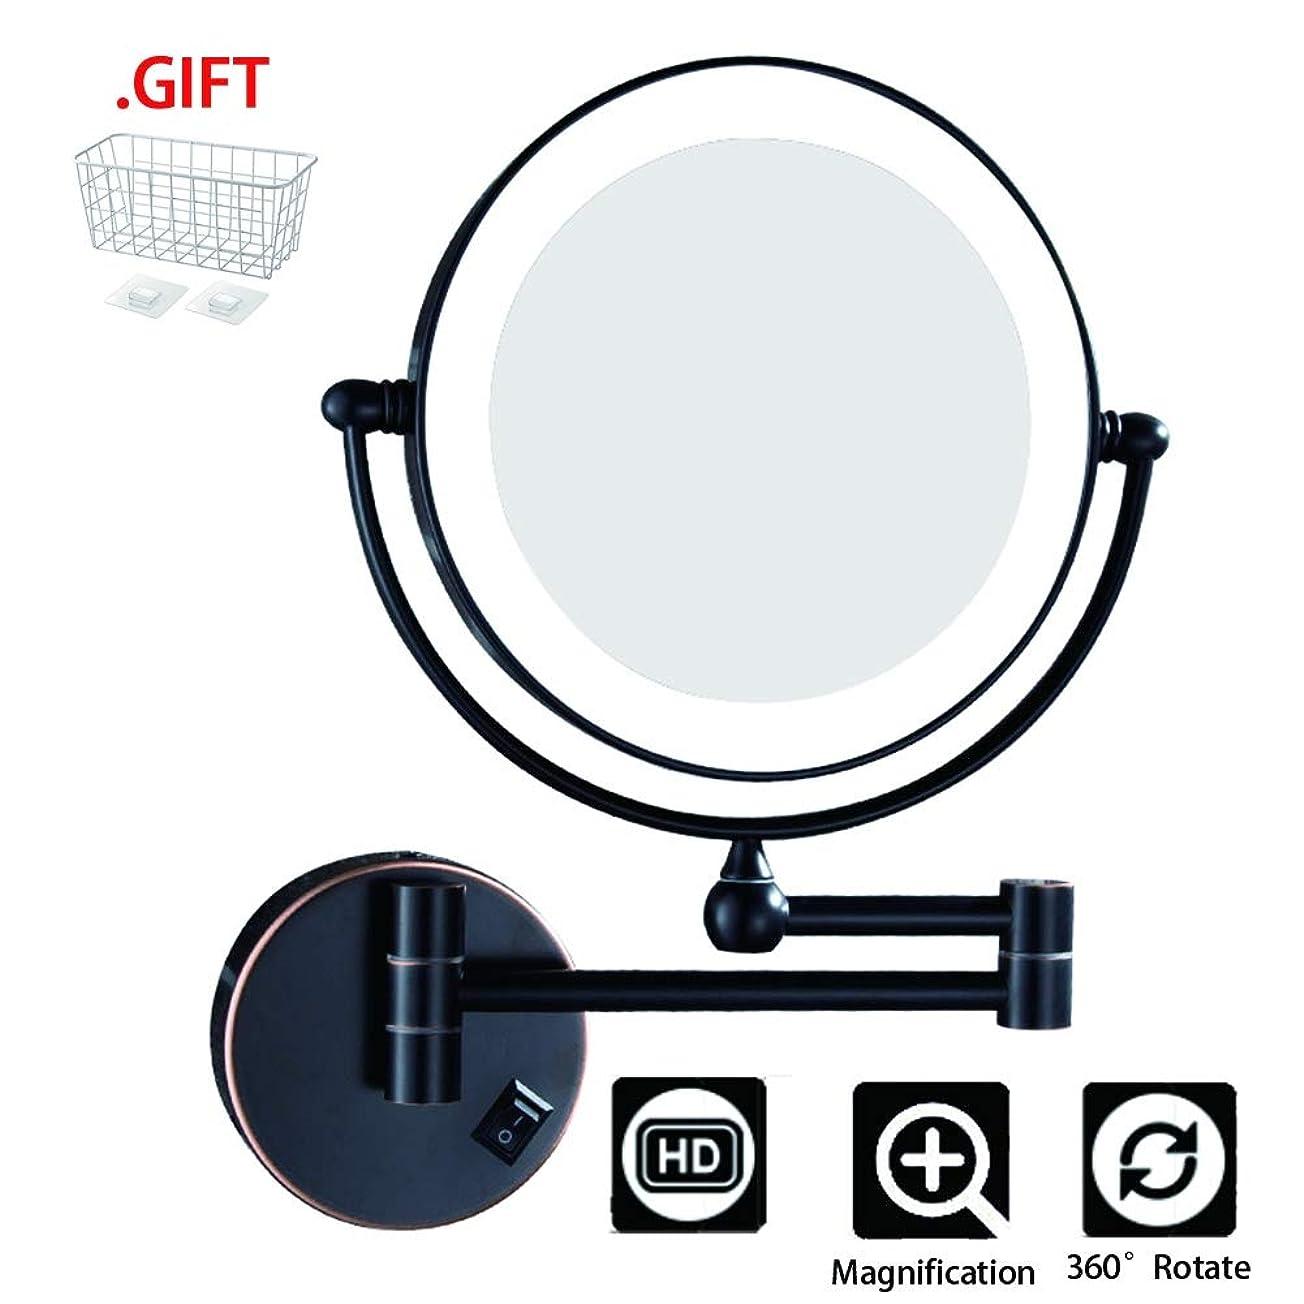 お互いあらゆる種類の威信3X化粧鏡、折りたたみ式LED照明増幅機能、男性用シェービングレディースビューティーに最適,Blackbronze,EU1/coldlight